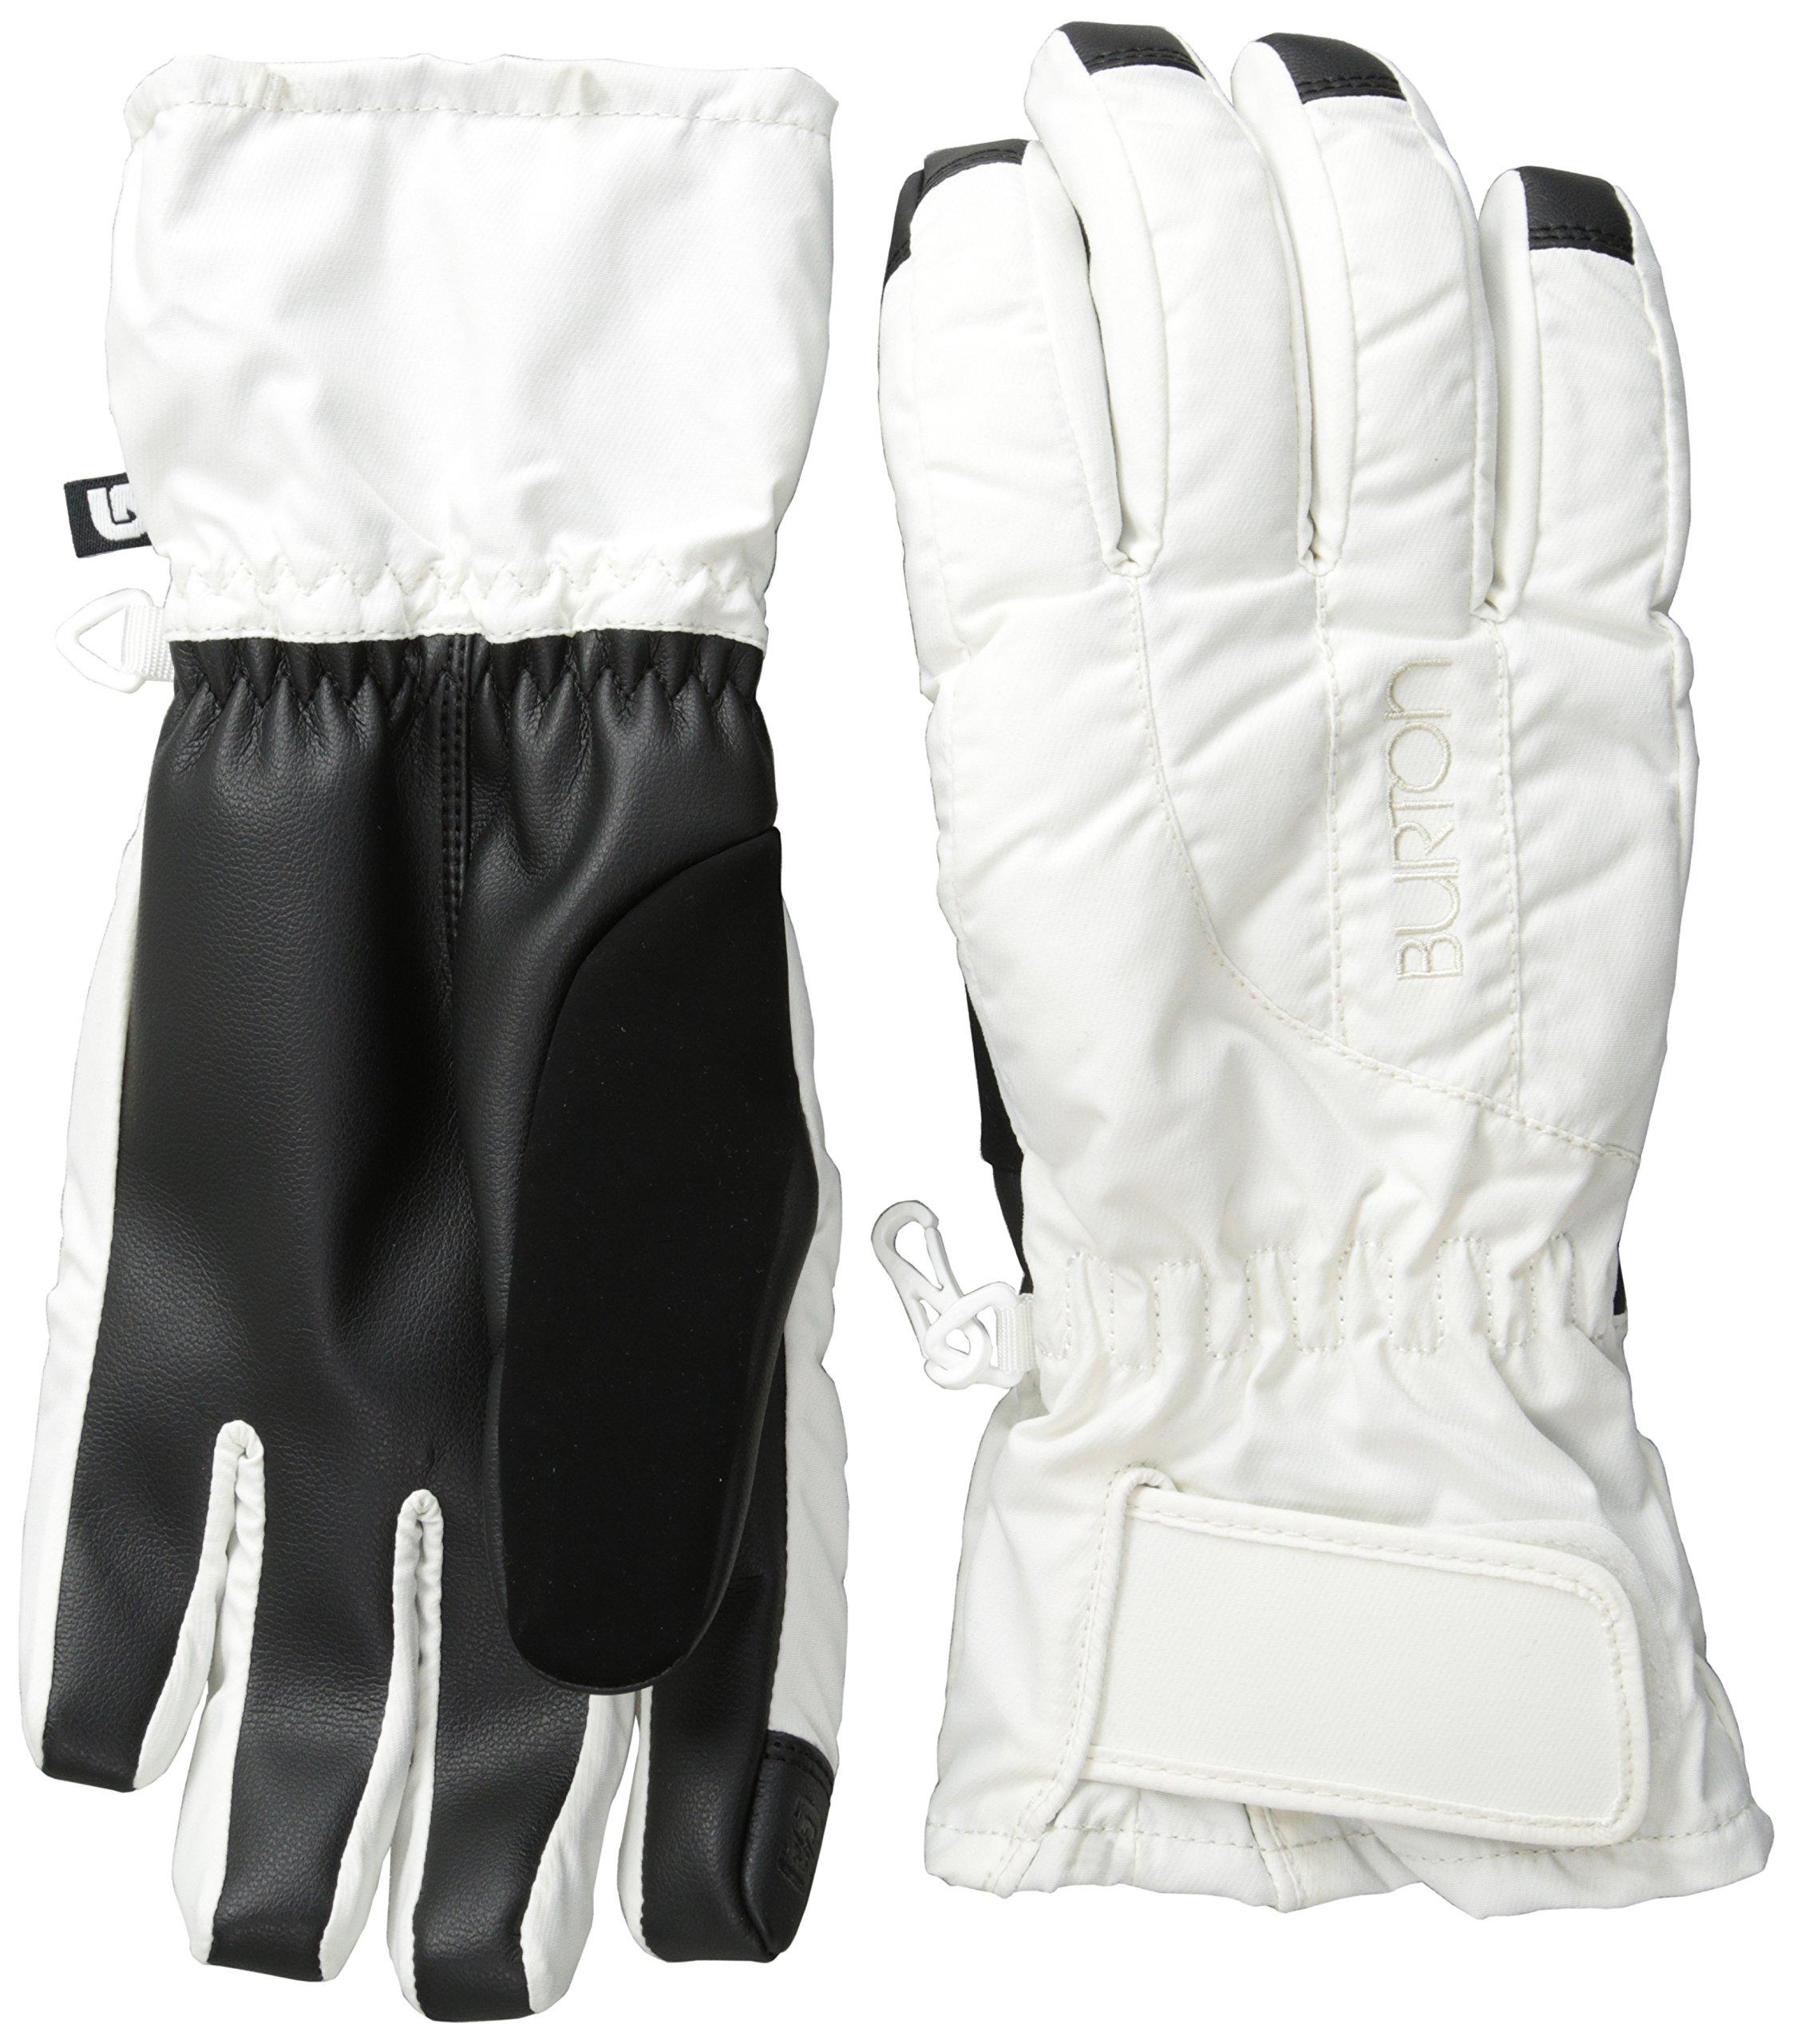 Burton Women's Profile Under Gloves, Stout White, Small